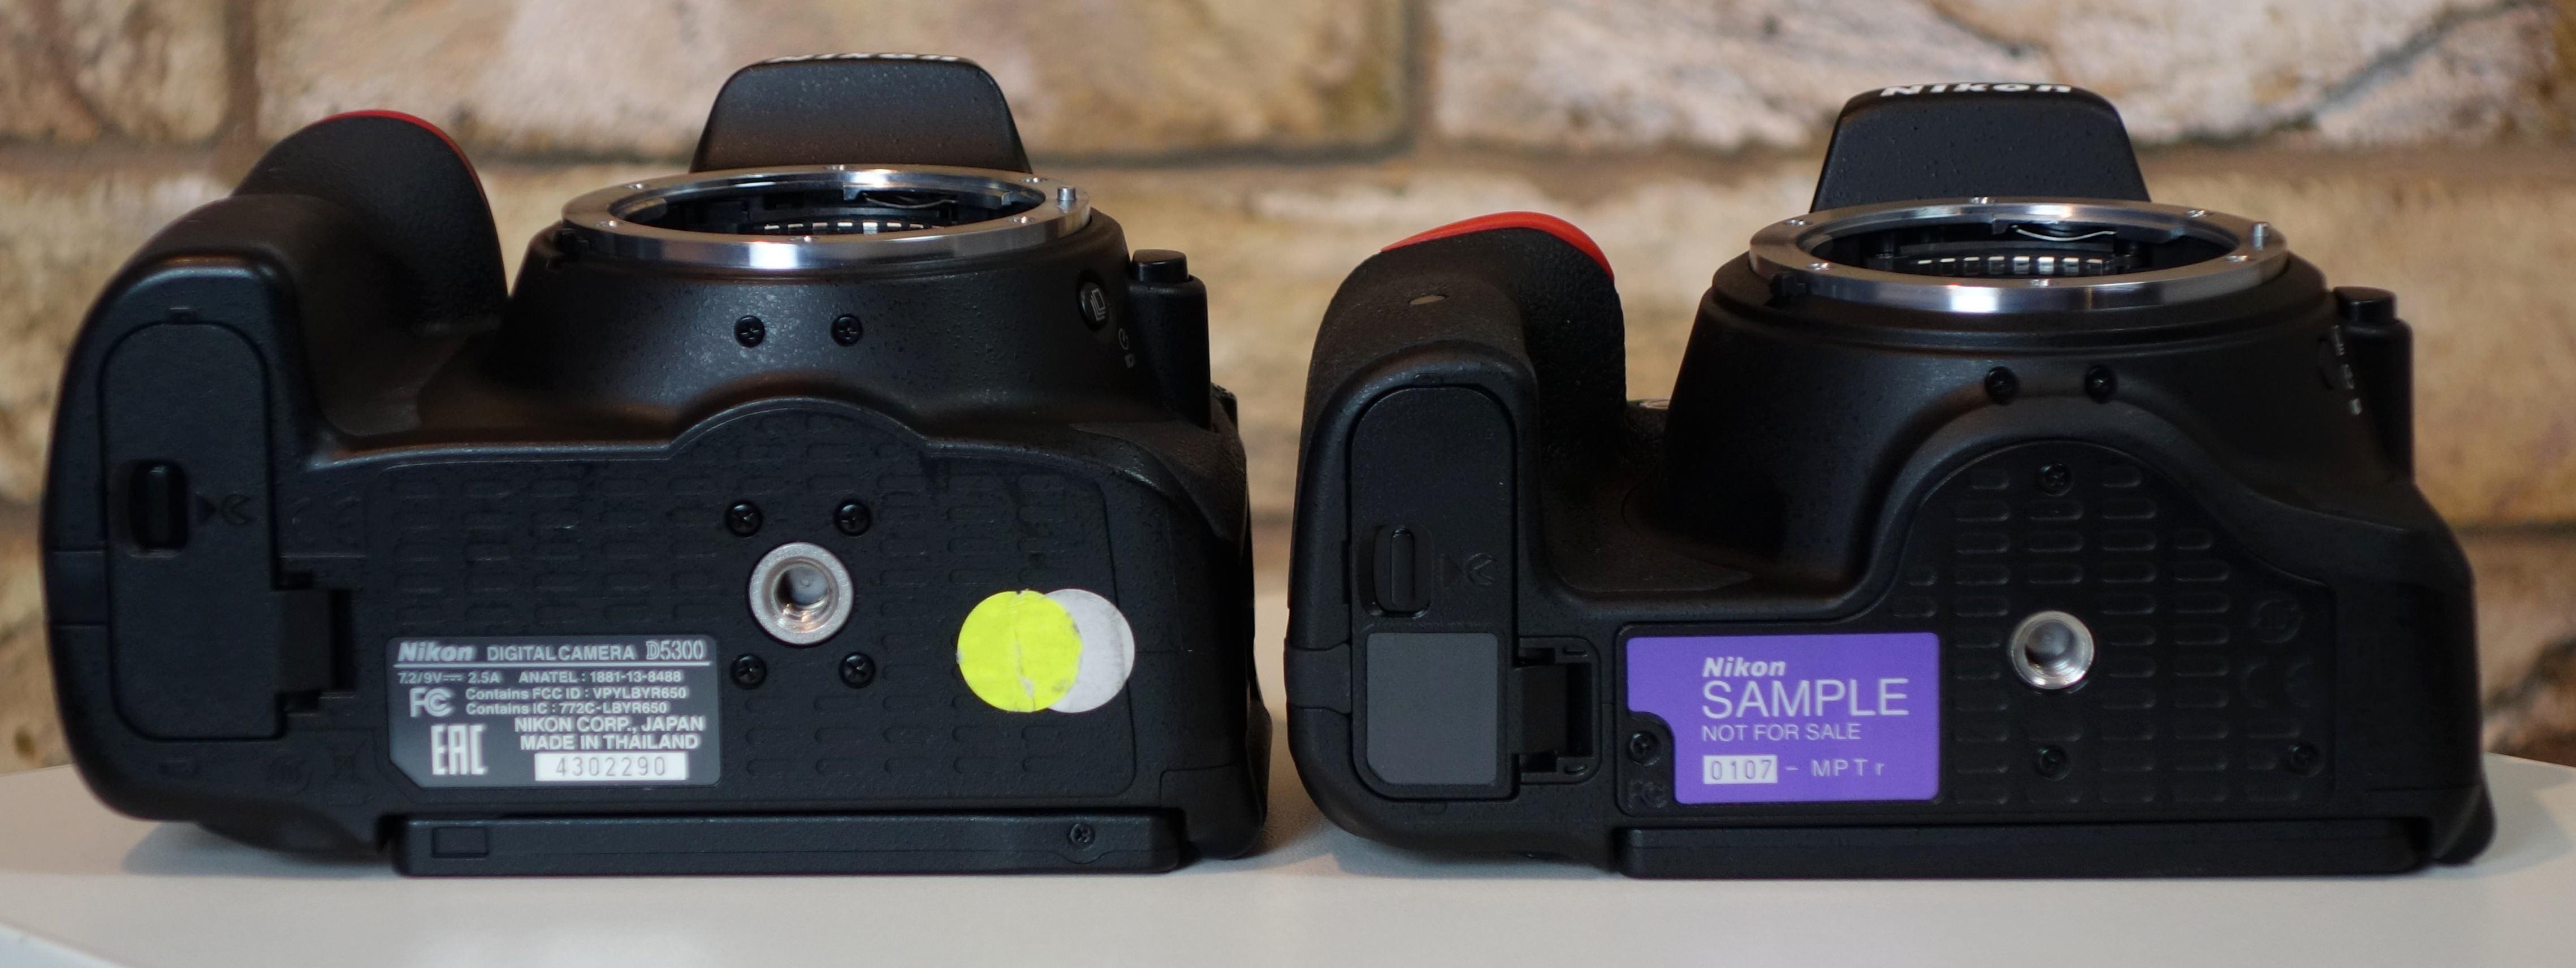 Nikon D5500 Versus Nikon D5300 DSLR Comparison | ePHOTOzine